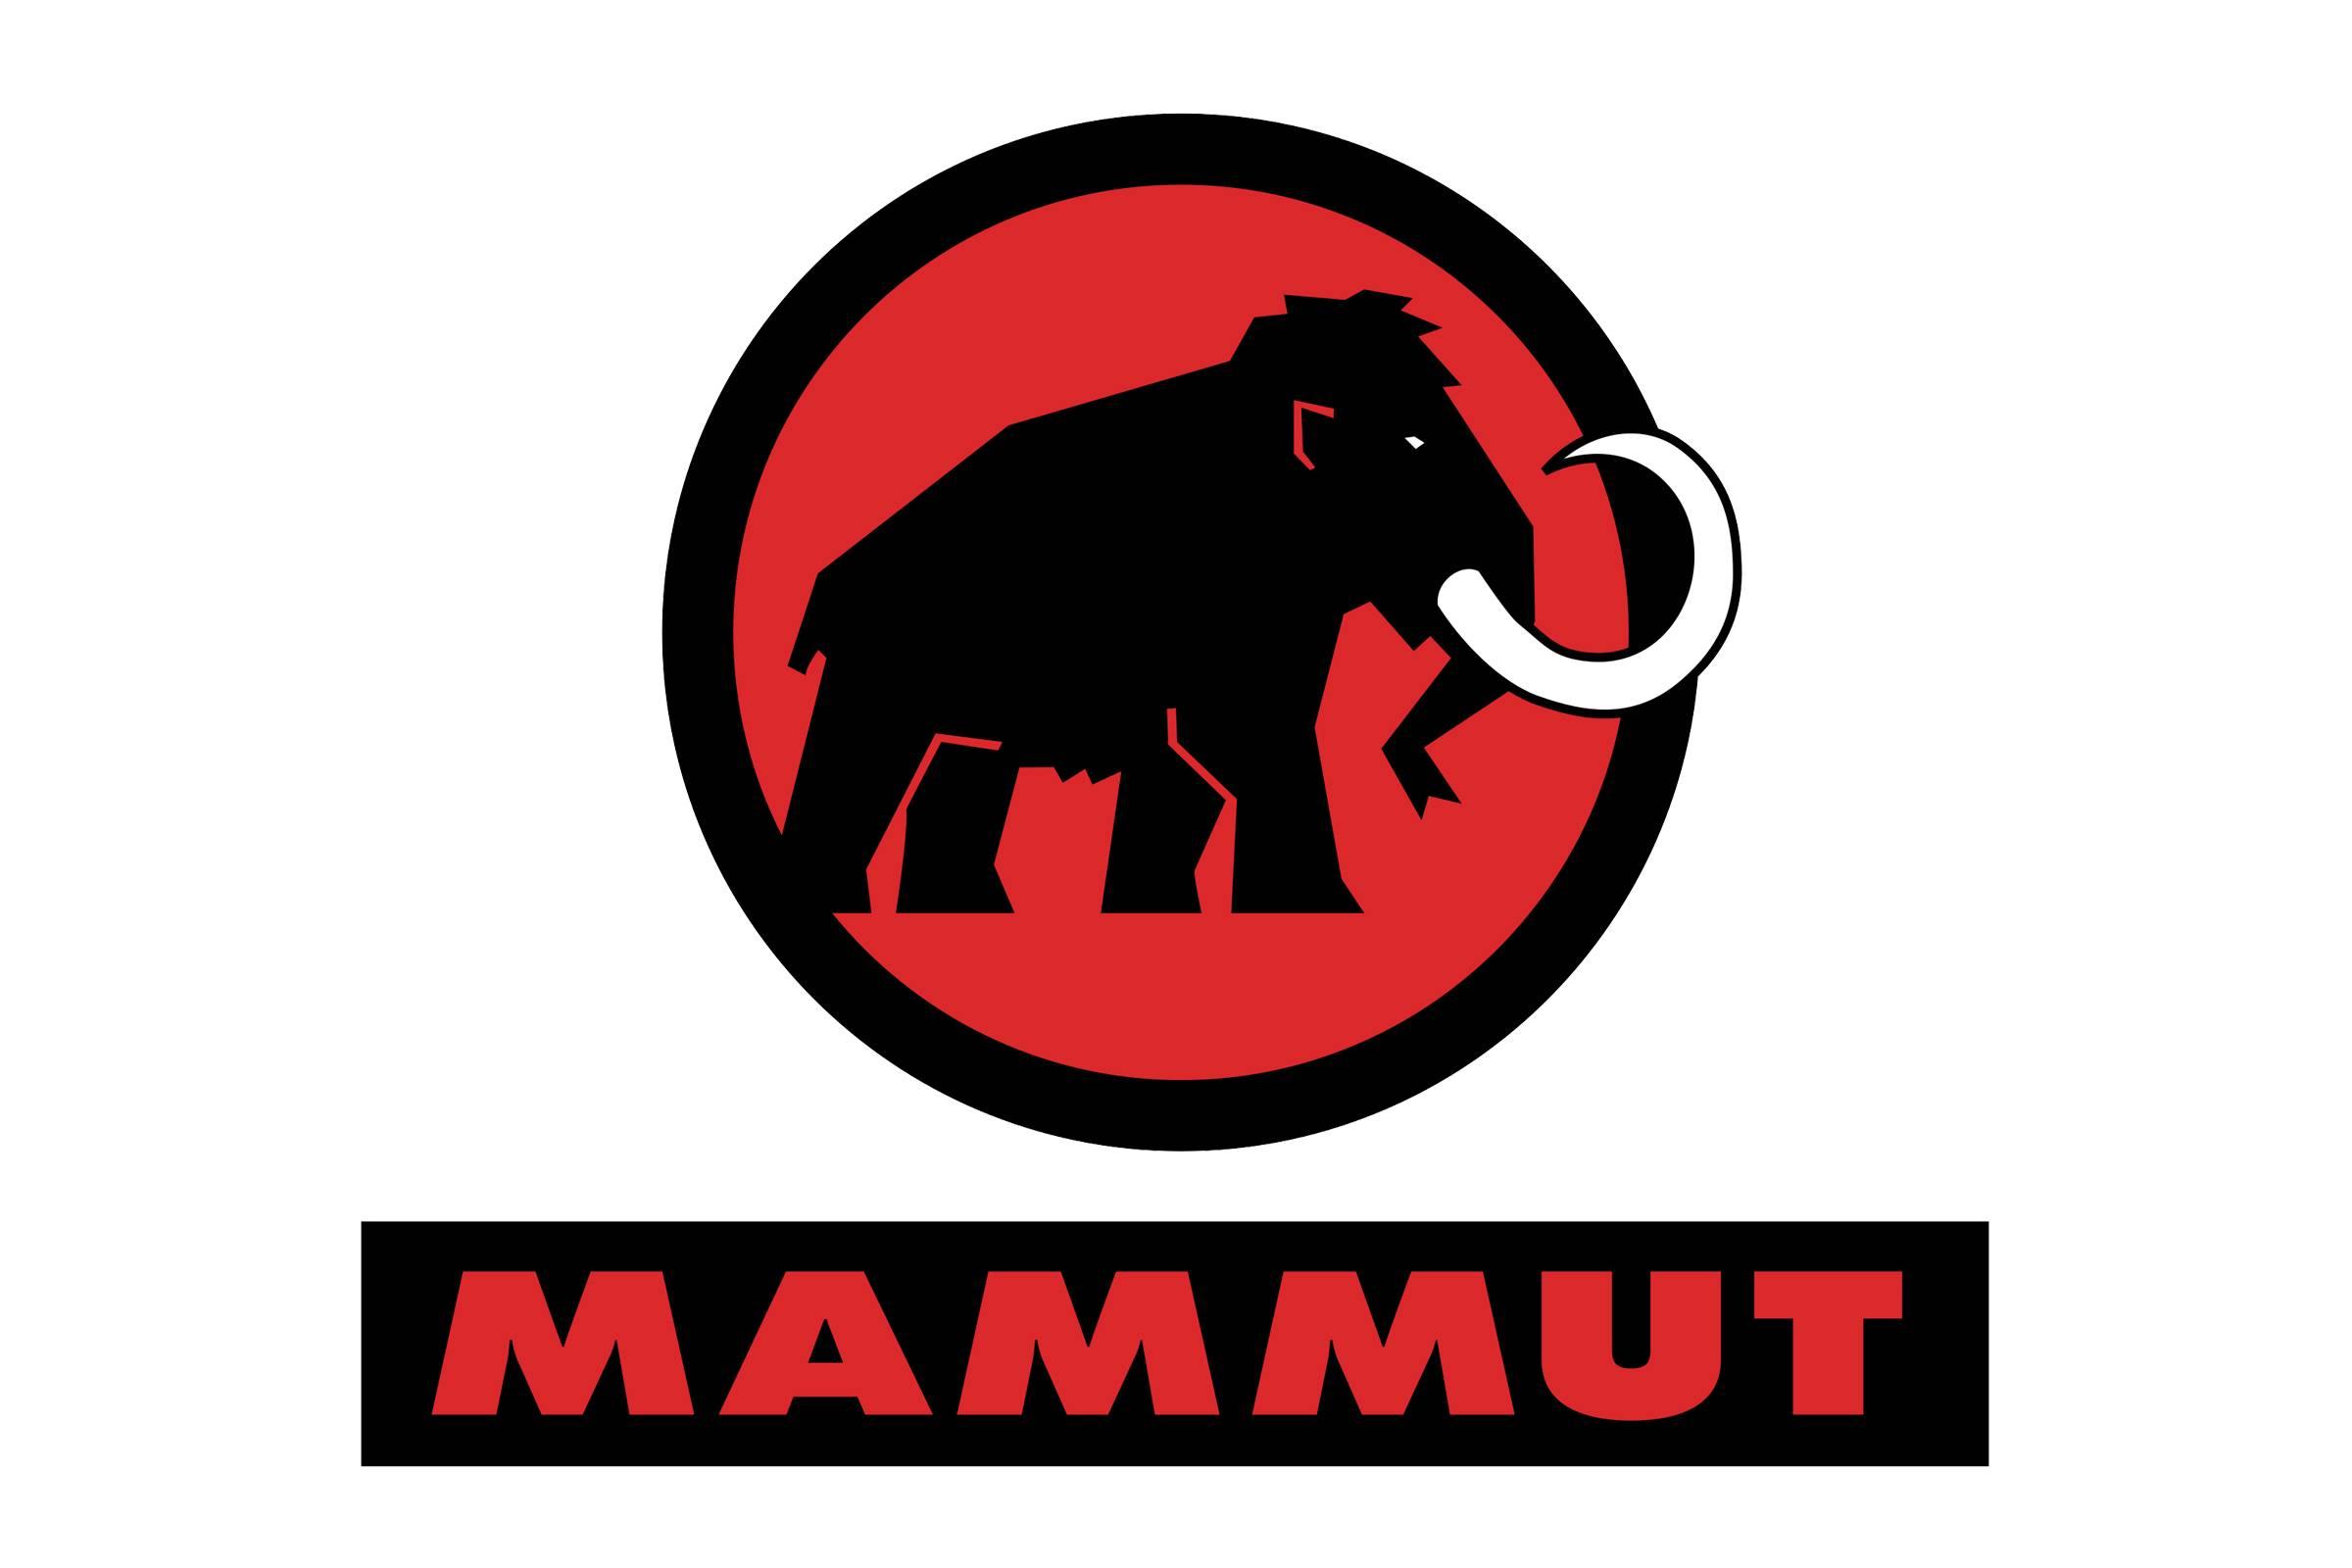 7. Mammut